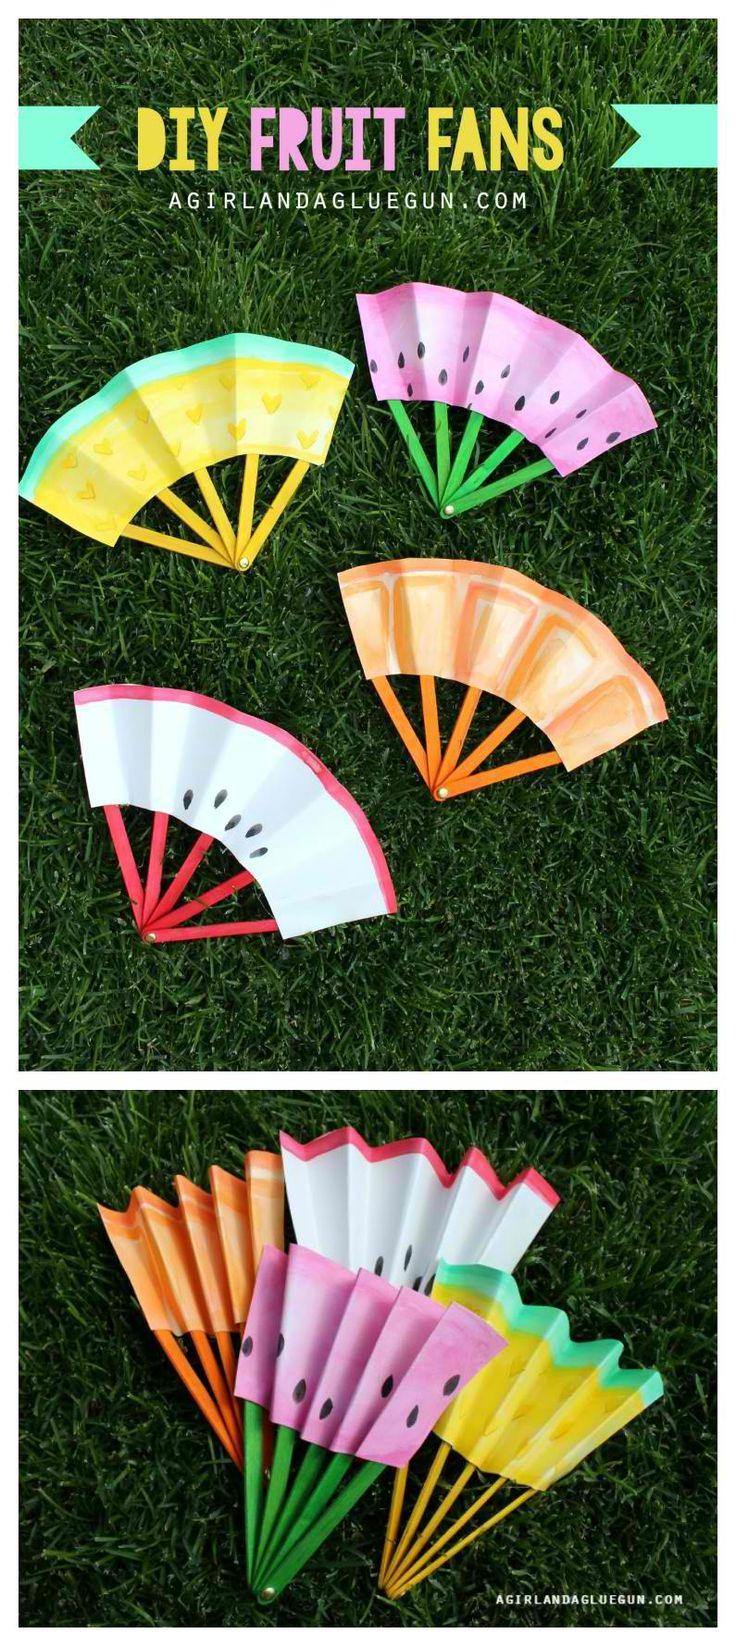 DIY Fruit Fans | 22 Simple DIY Crafts For Kids